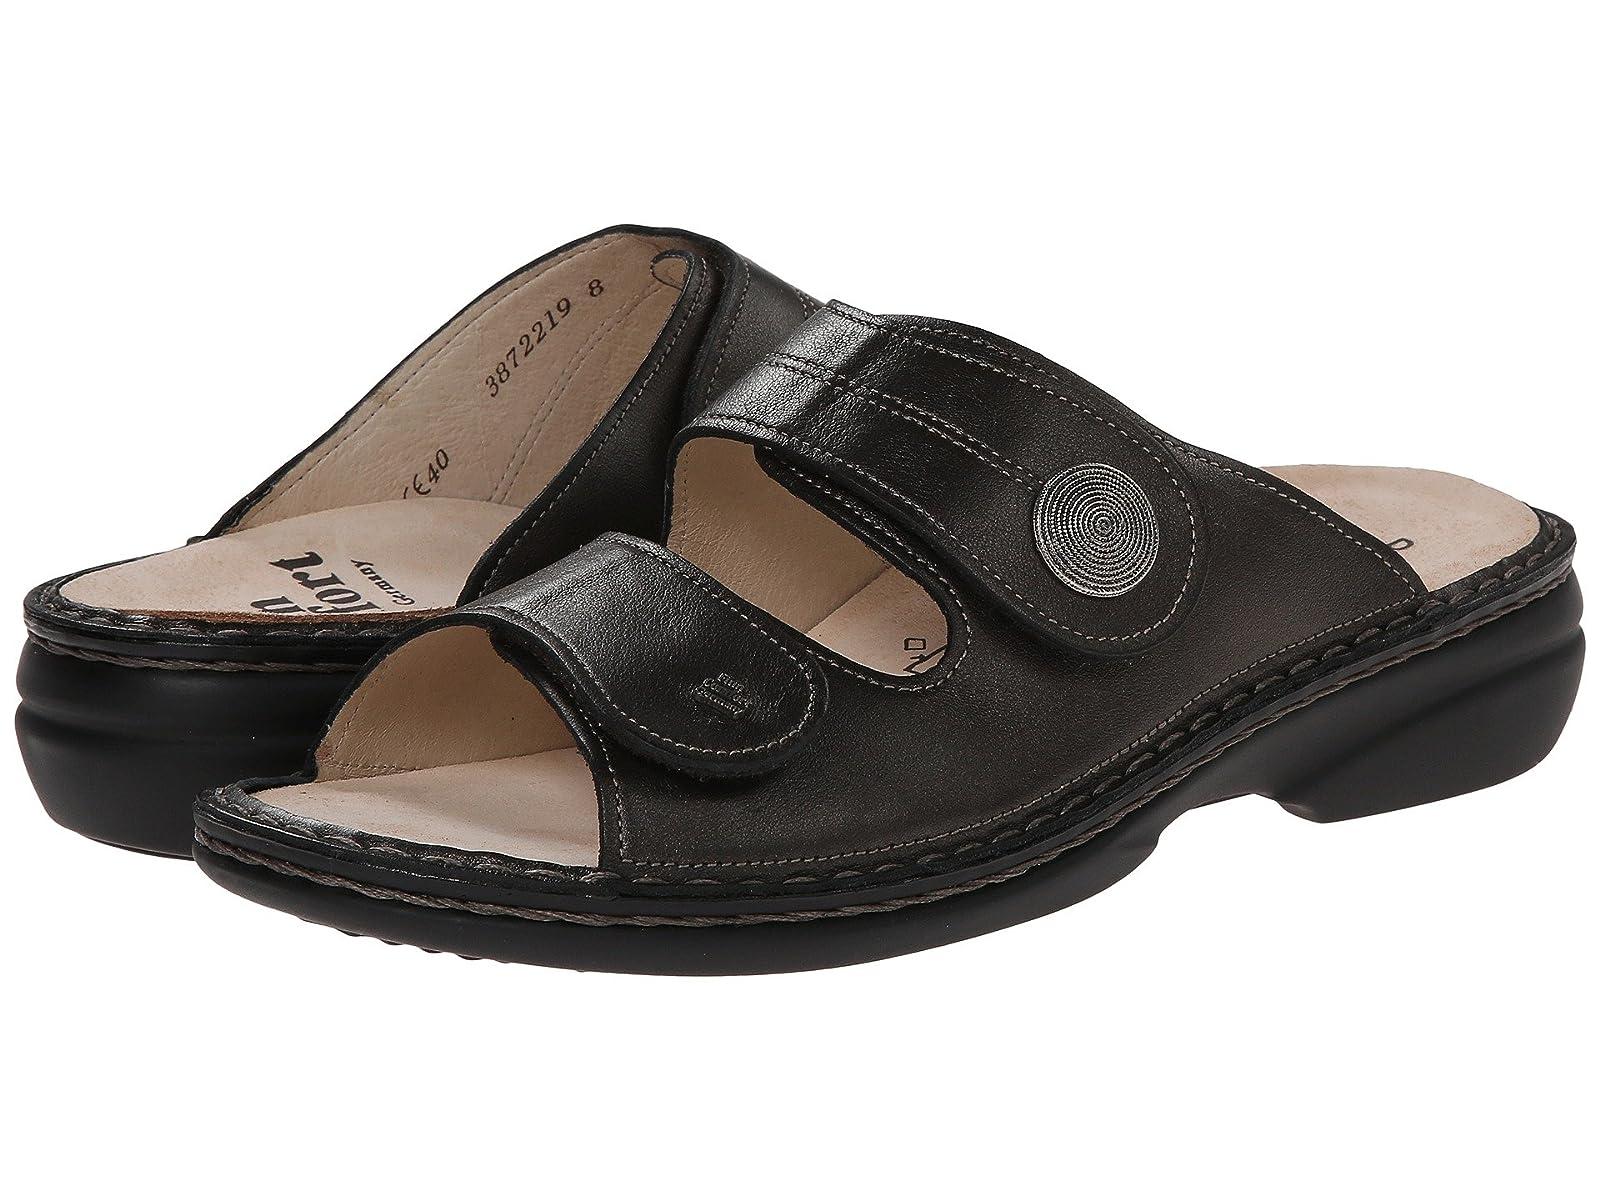 Finn Comfort Sansibar - 82550Atmospheric grades have affordable shoes